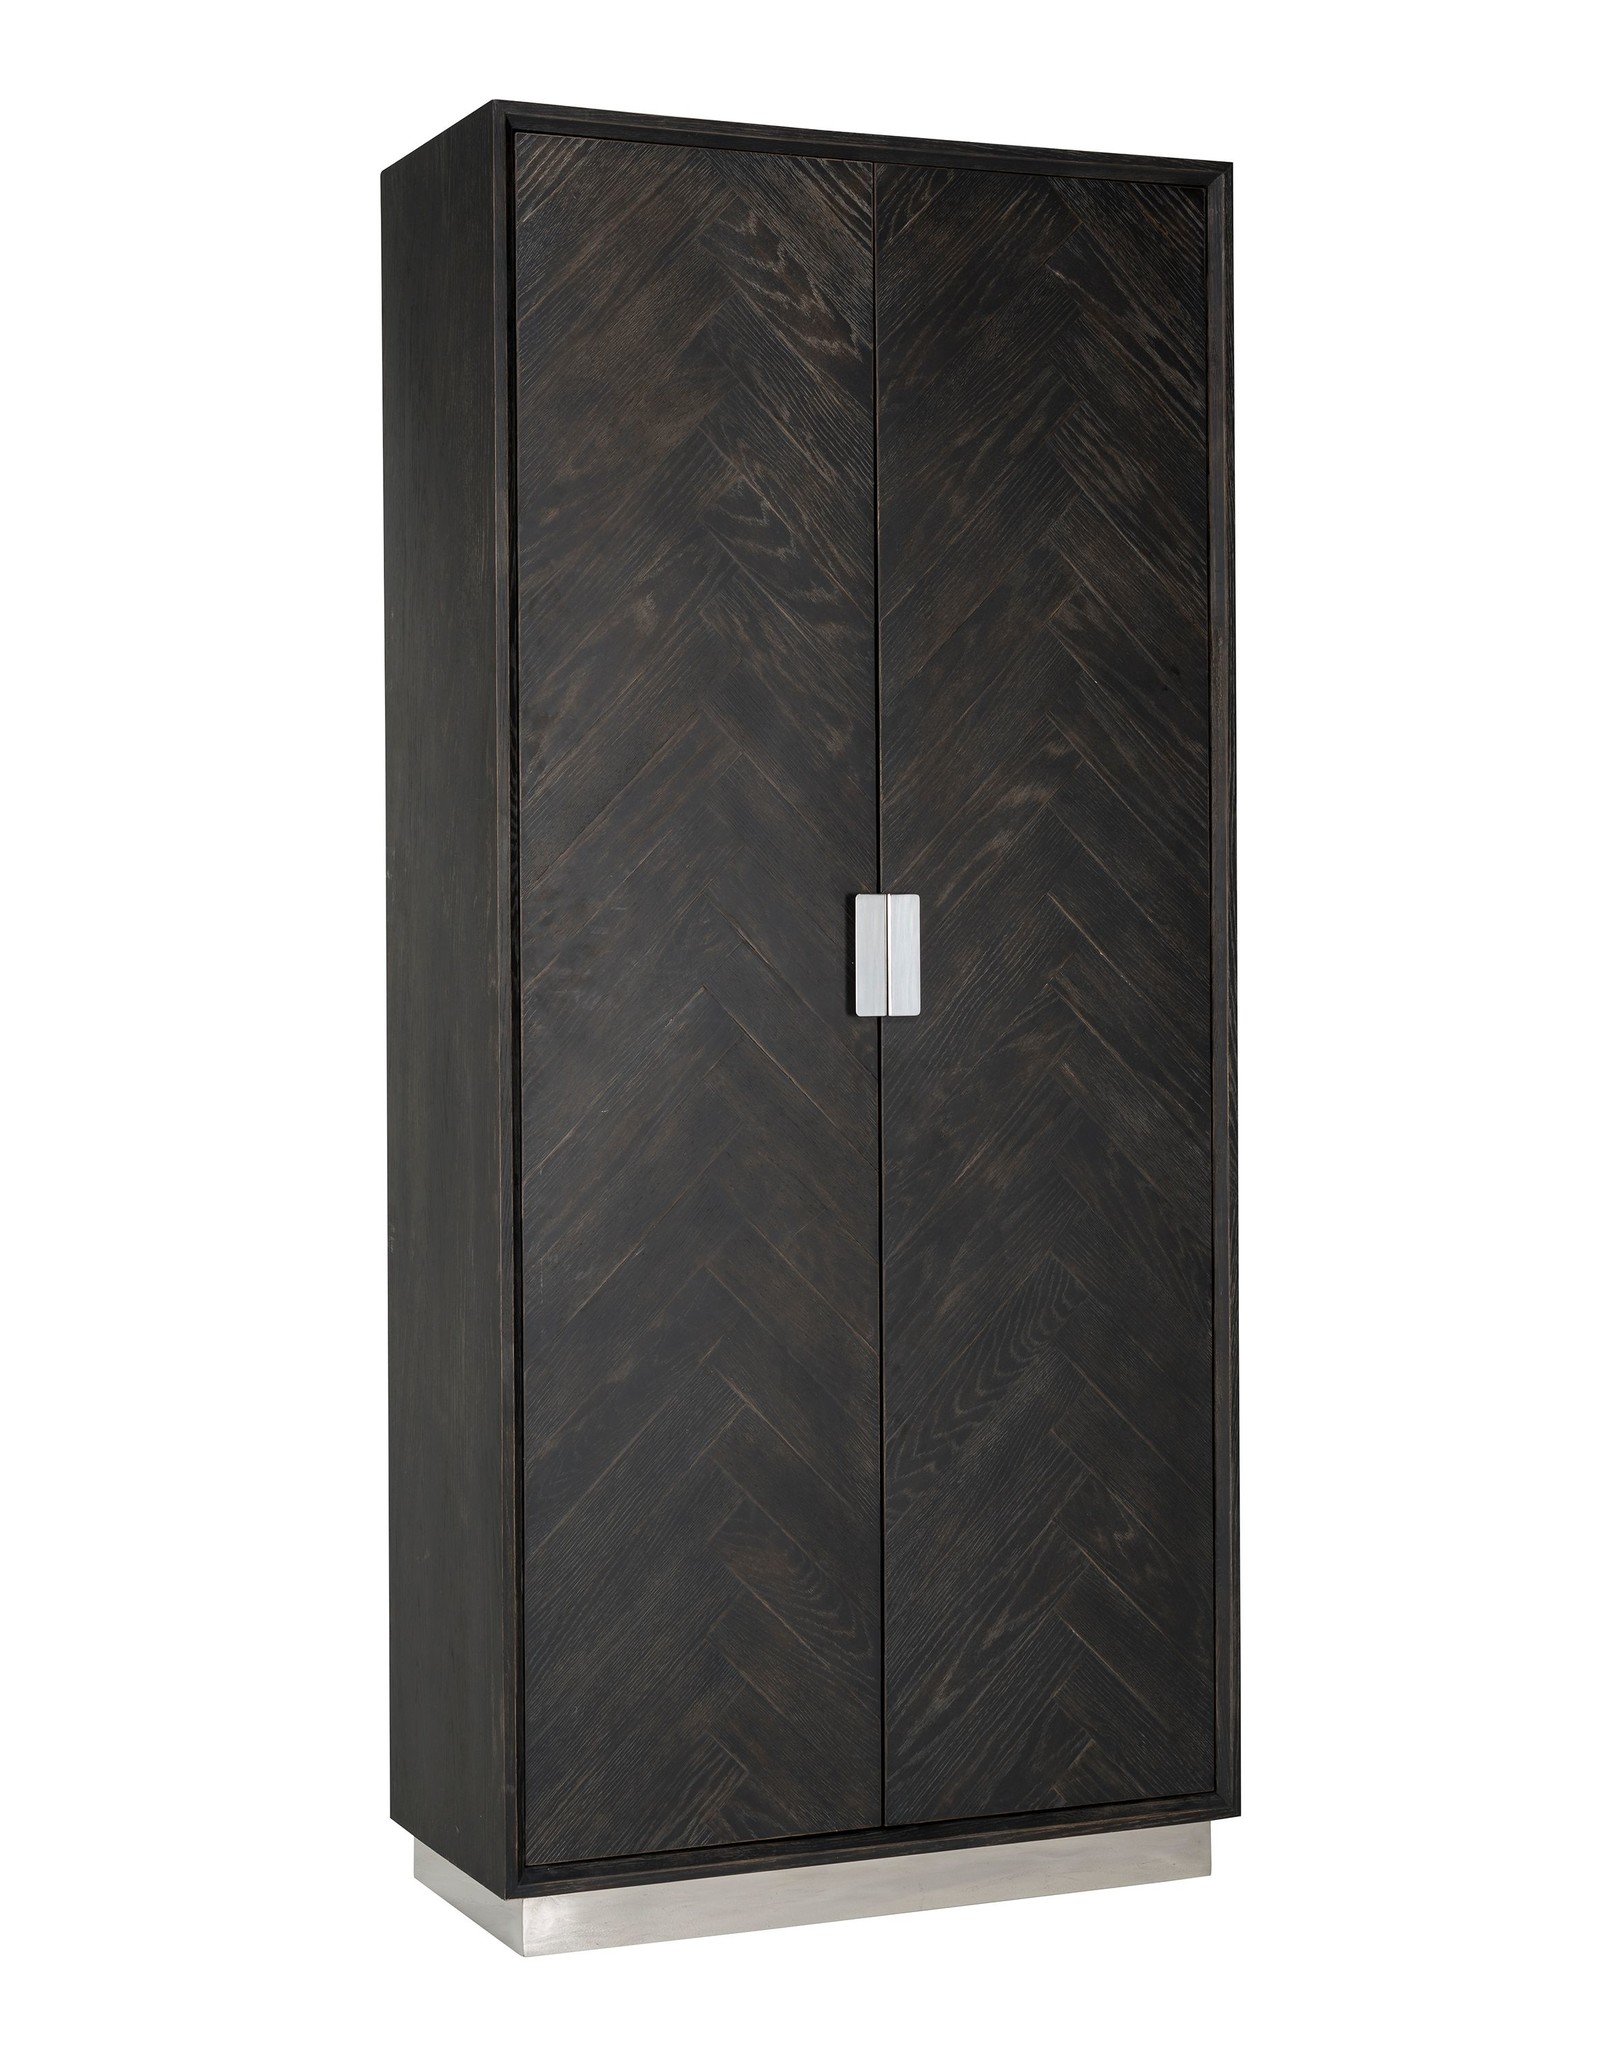 Richmond Interiors Wandkast Blackbone zilver 2-deuren hoog